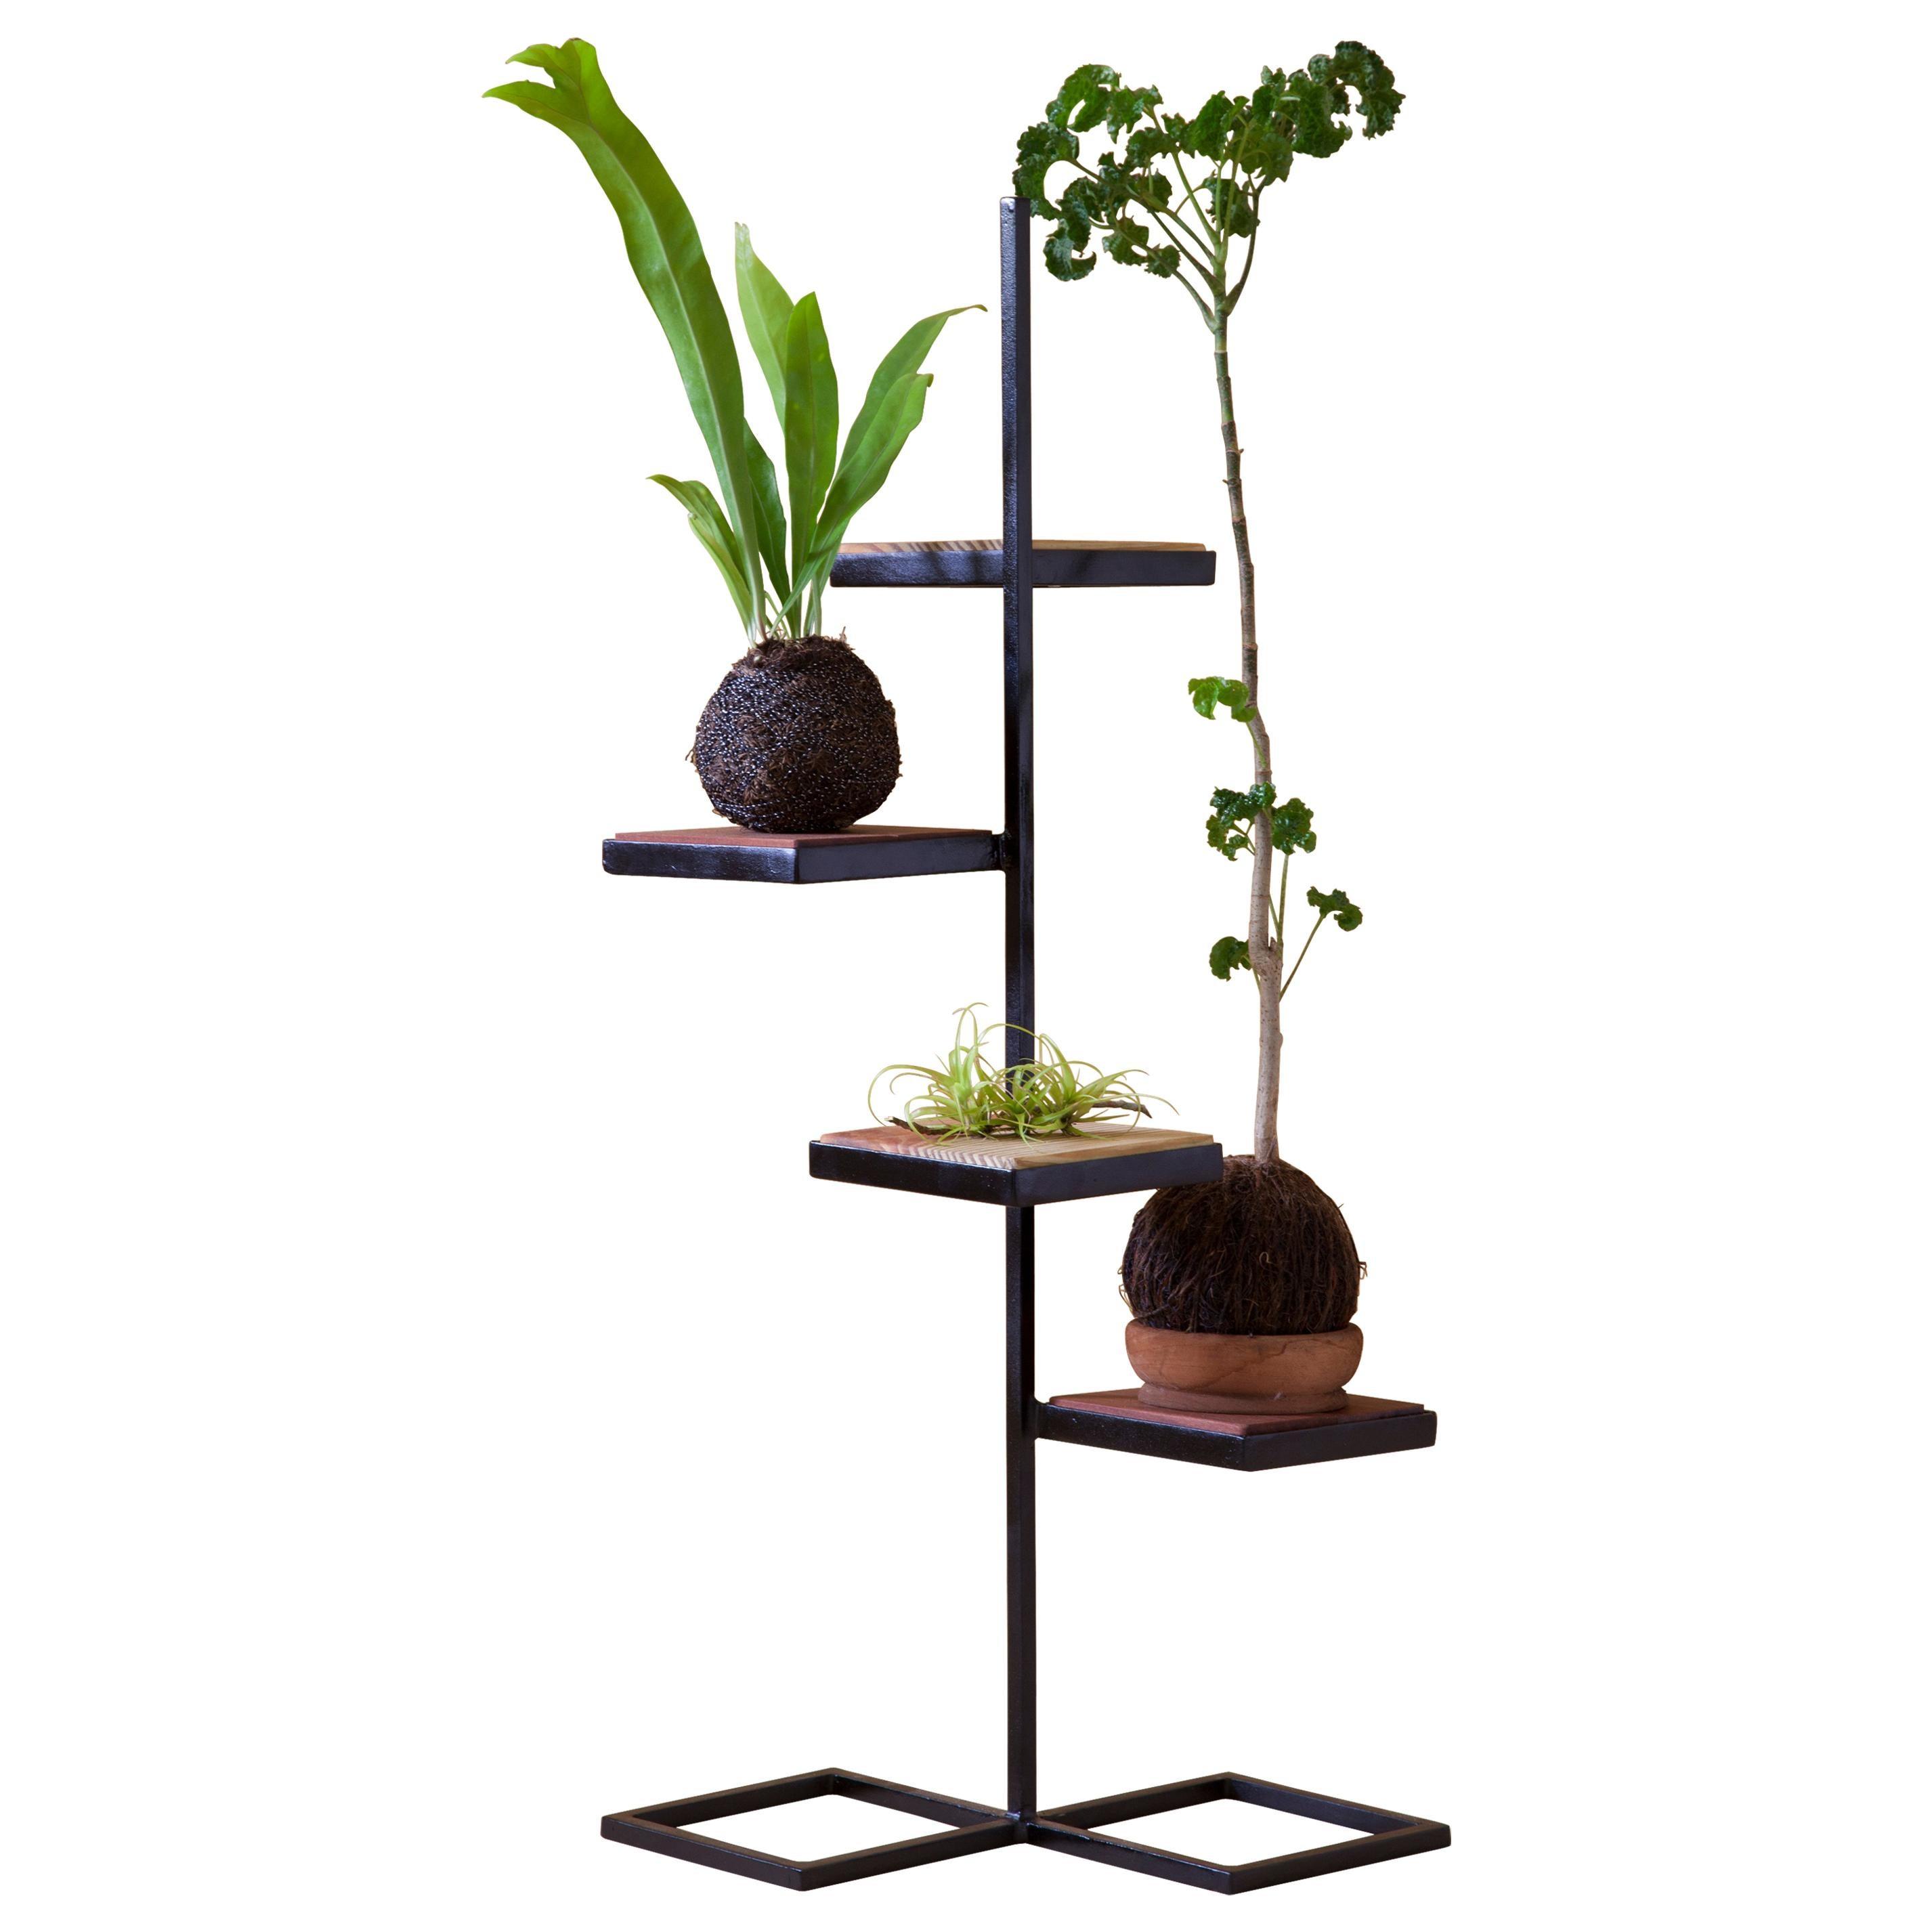 Aurea Plant Stand 3 by Sofia Alvarado